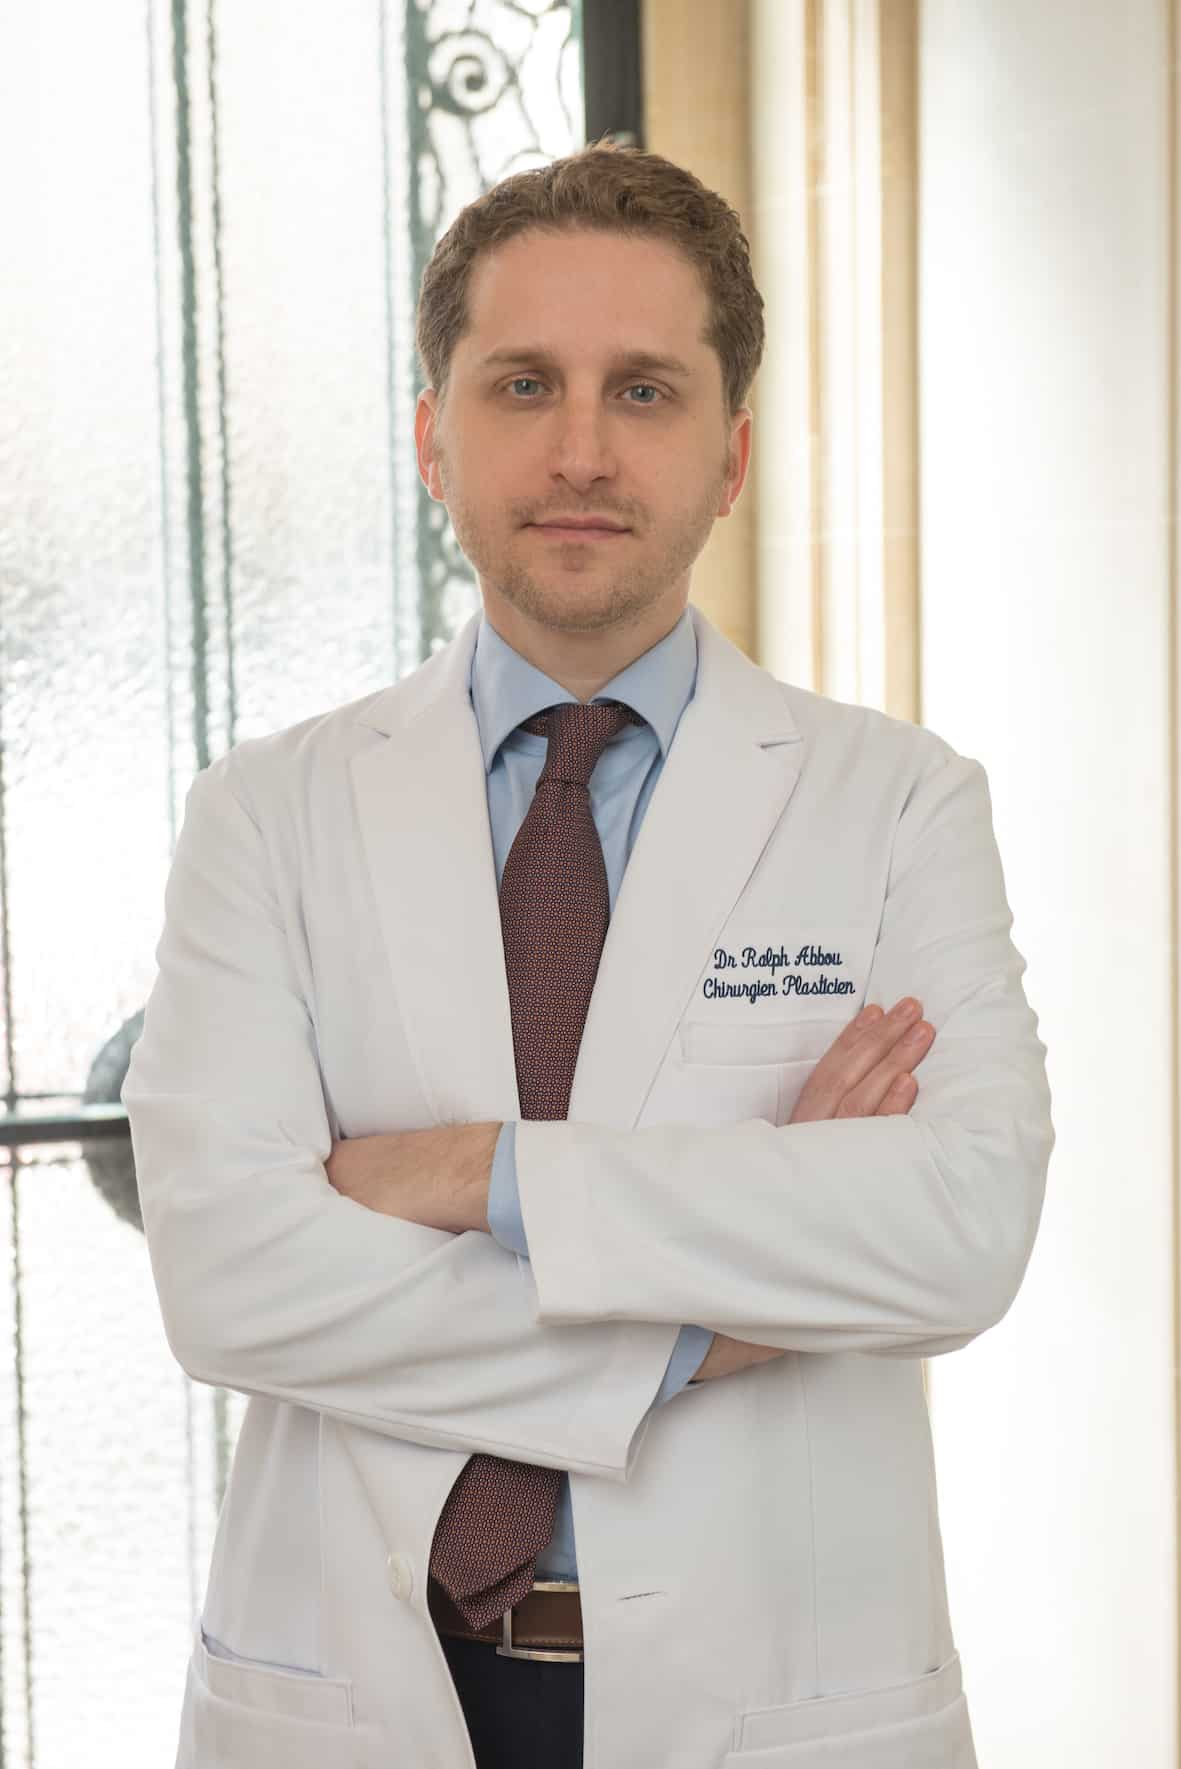 Dr Ralph ABBOU